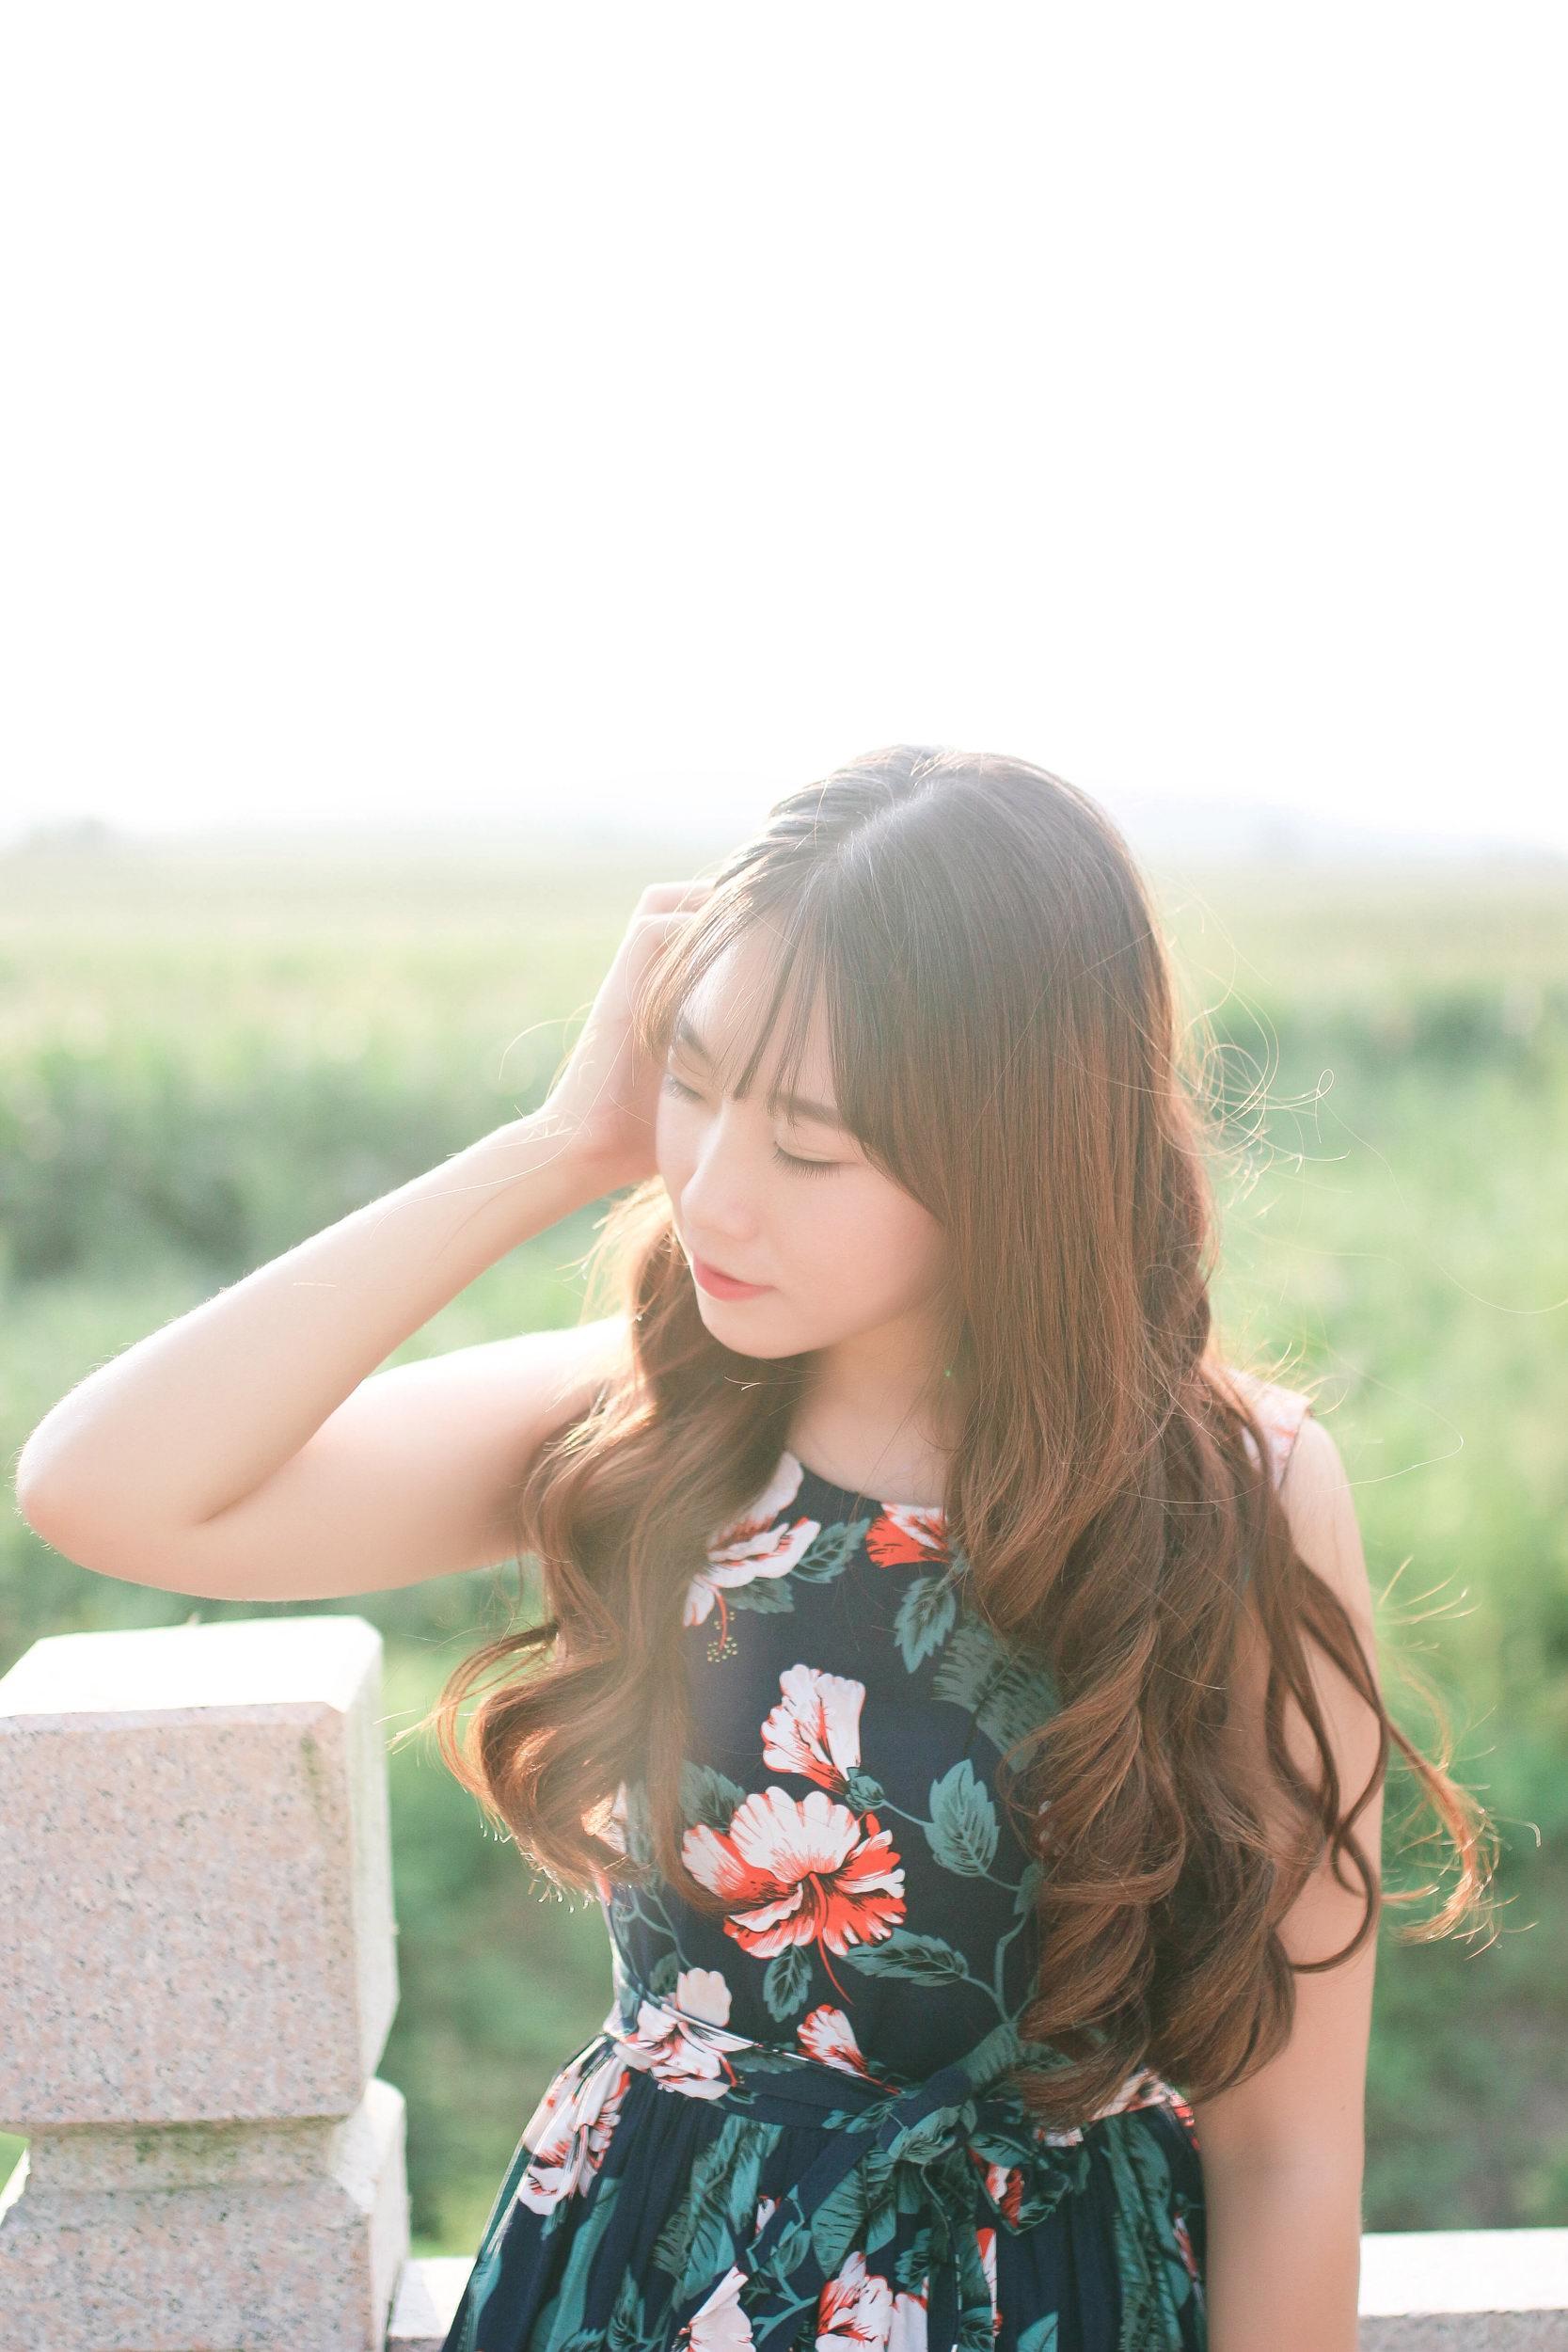 我的眼眸,等你路过我的容颜【情感美文】 - 水墨凝烟 - 花仙子的博客.